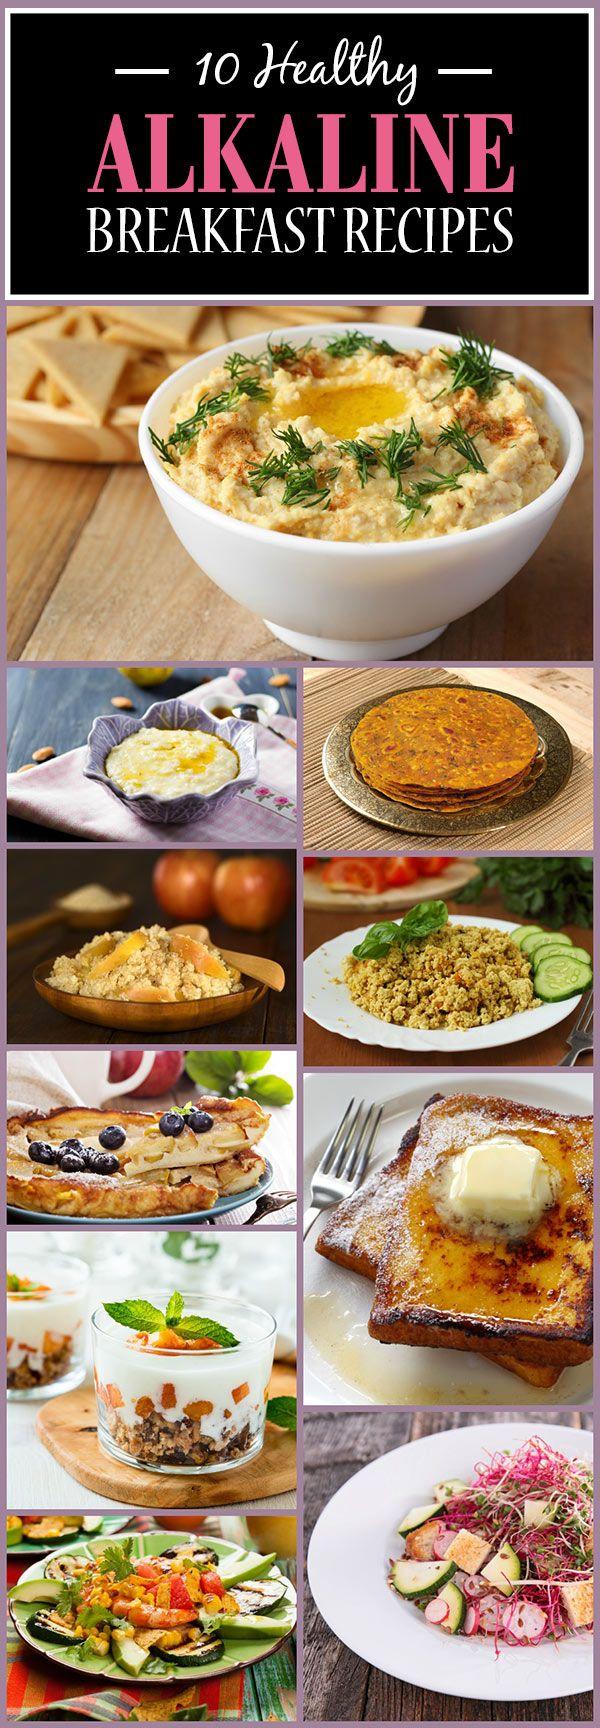 10 Gesunde alkalische Frühstück Rezepte, die Sie müssen versuchen,